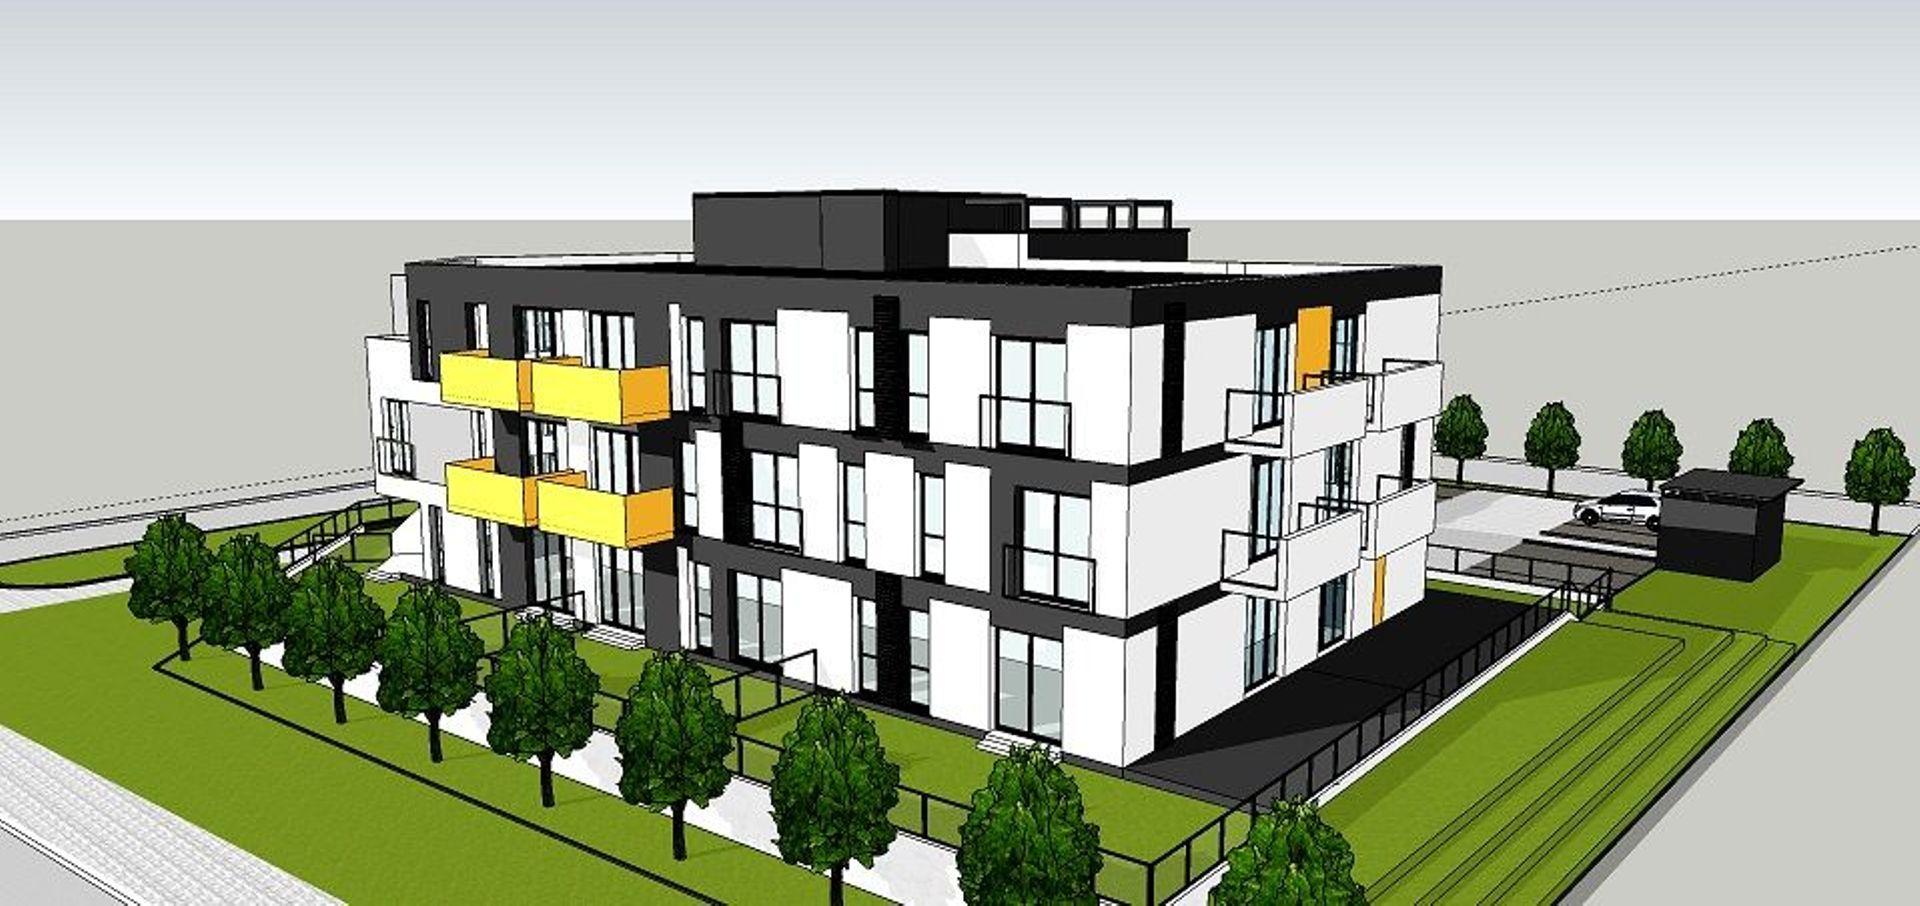 Wrocław: Lipa Piotrowska w rozbudowie. Kolejne bloki w przygotowaniu